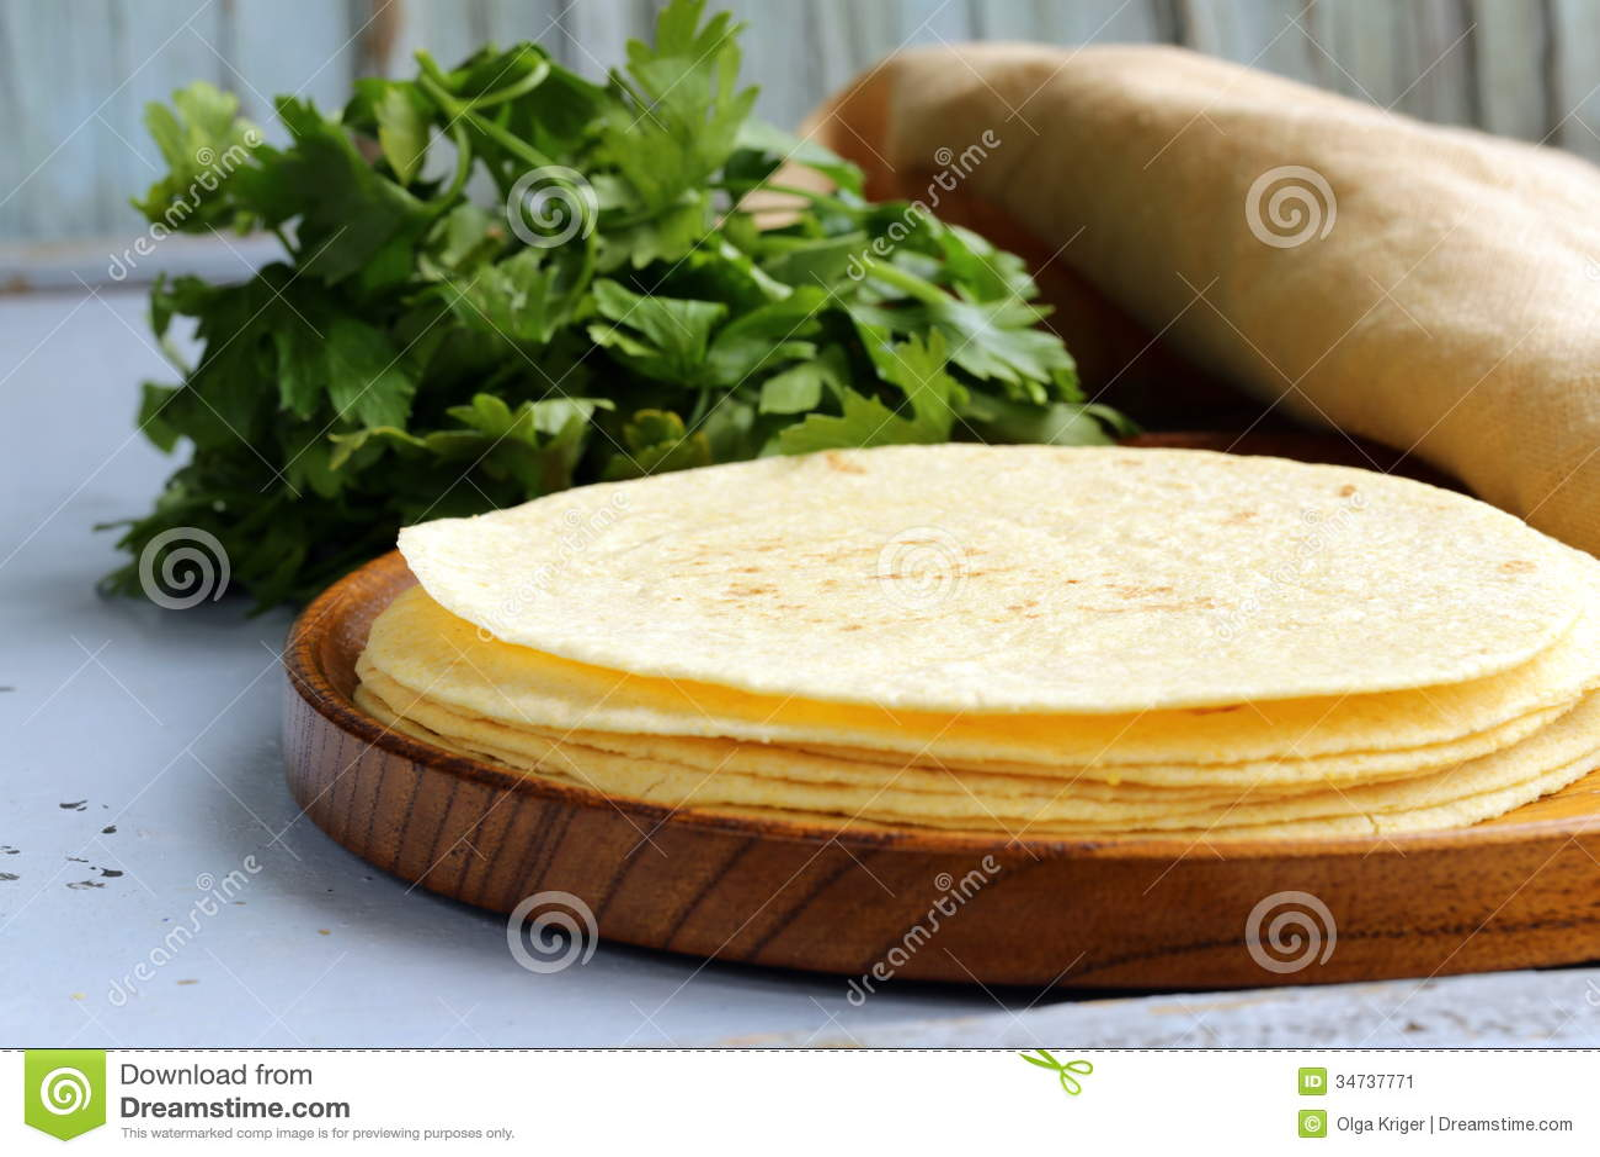 Pila de tortillas de maíz